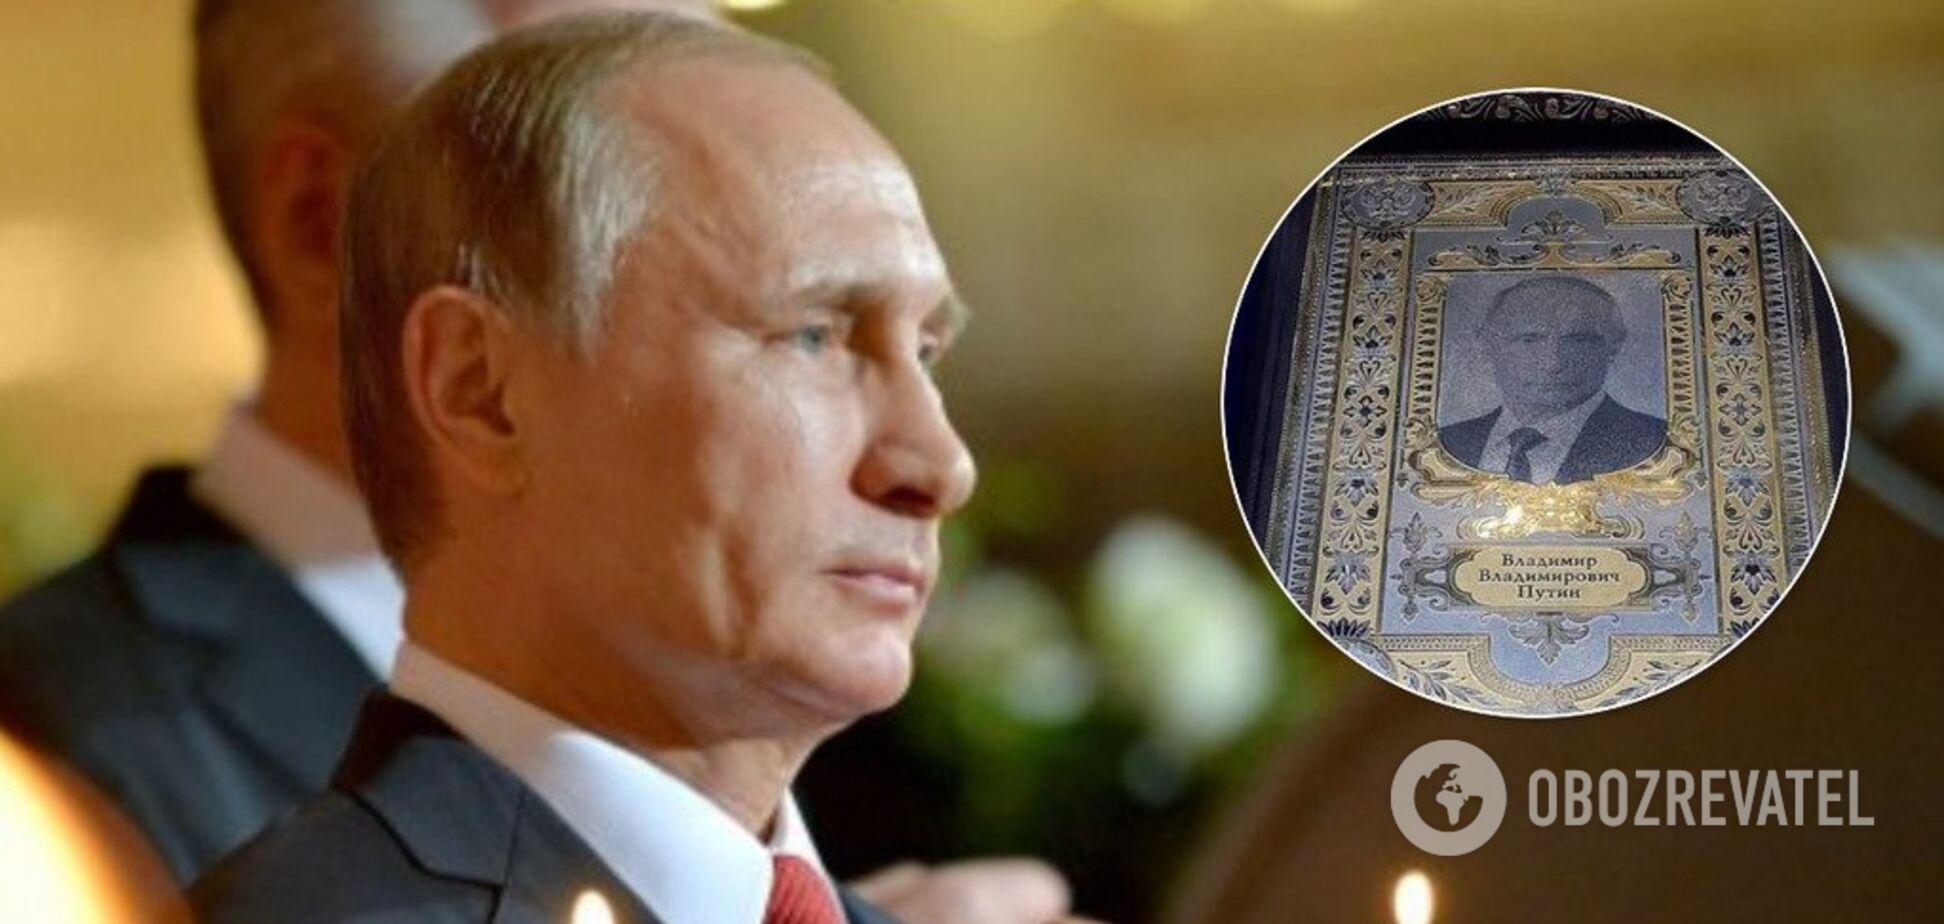 'Главное – Богу не надоедать!' В сети высмеяли очередной конфуз Путина. Видеофакт